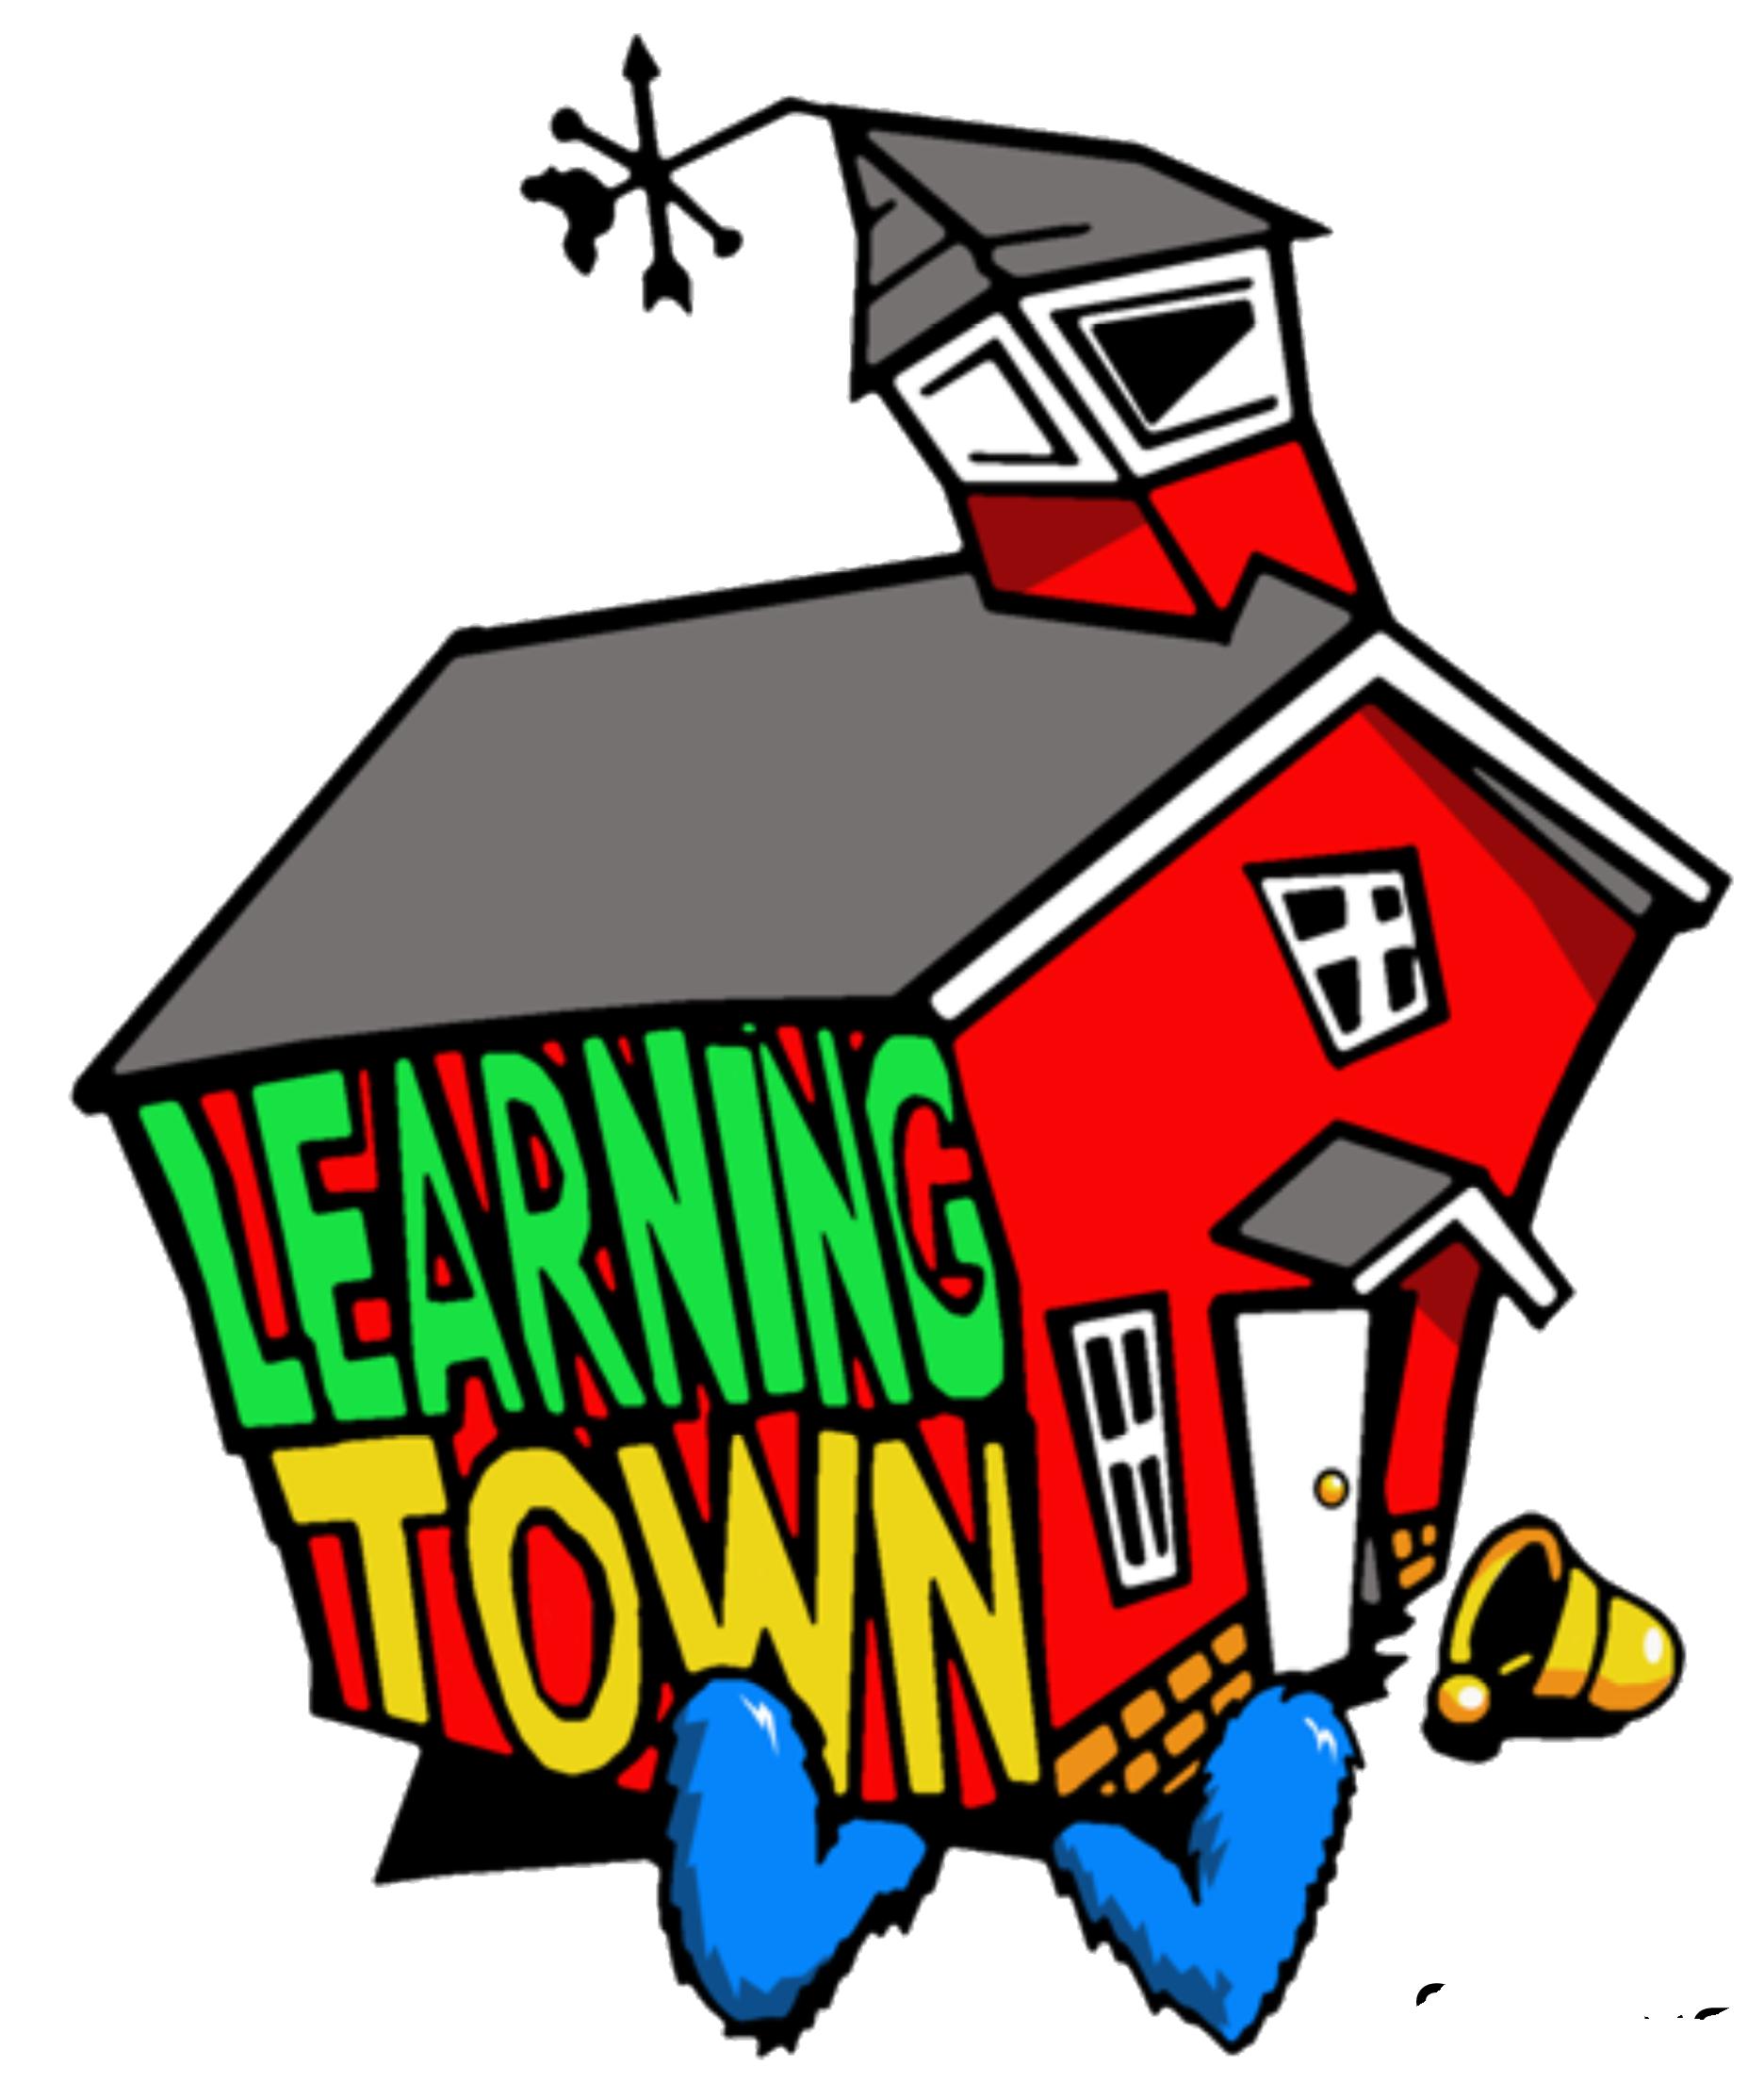 LearningTown logo